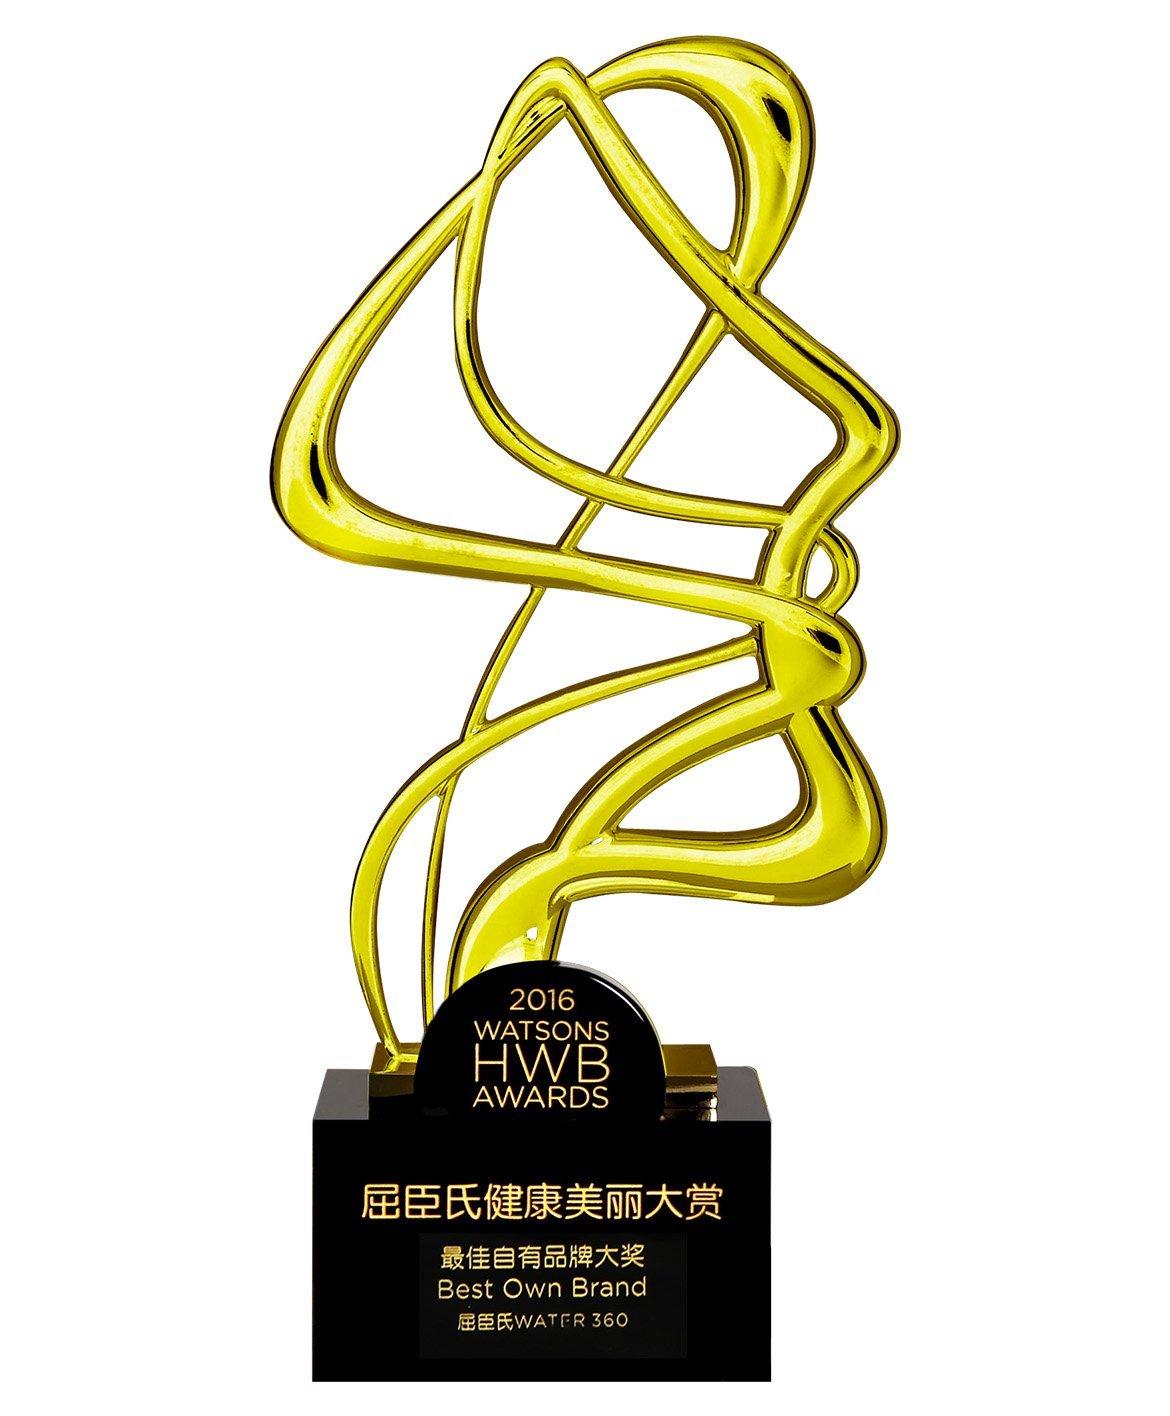 2016屈臣氏健康美丽大赏最佳自有品牌大奖-屈臣氏WATER 360